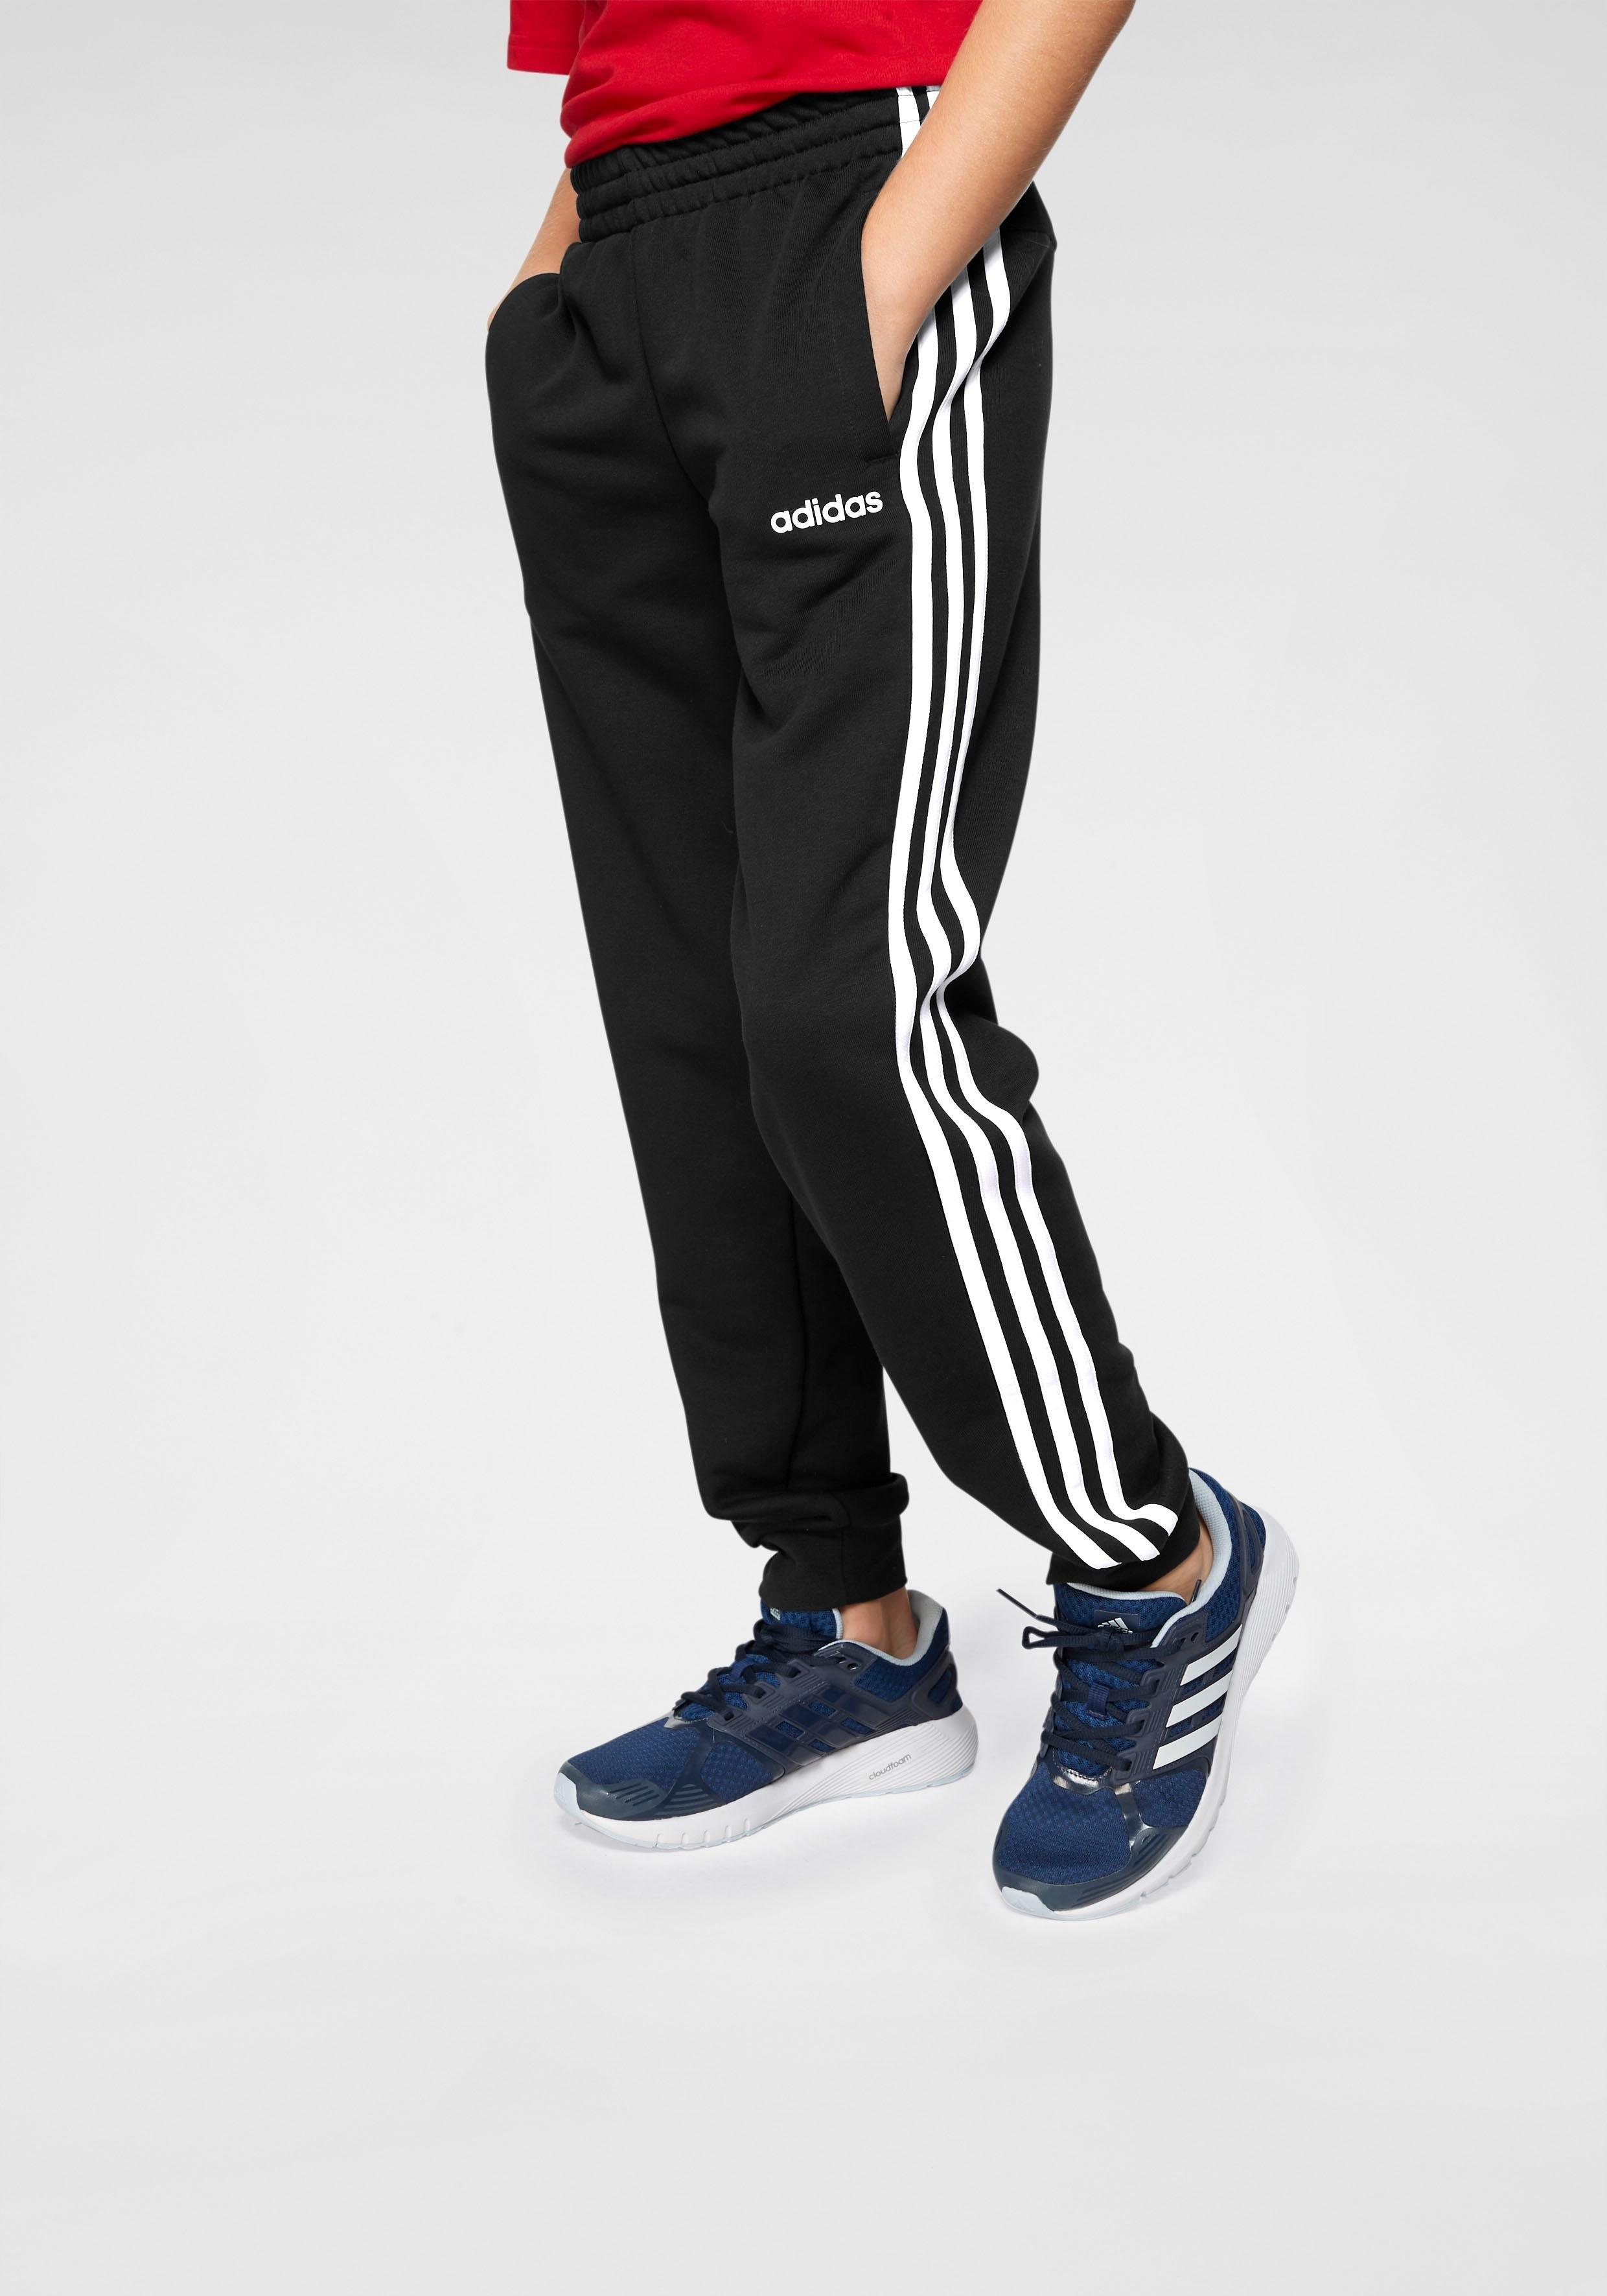 Joggingbroek Van Met.Adidas Joggingbroek E 3 Stripes Pant Online Bij Otto